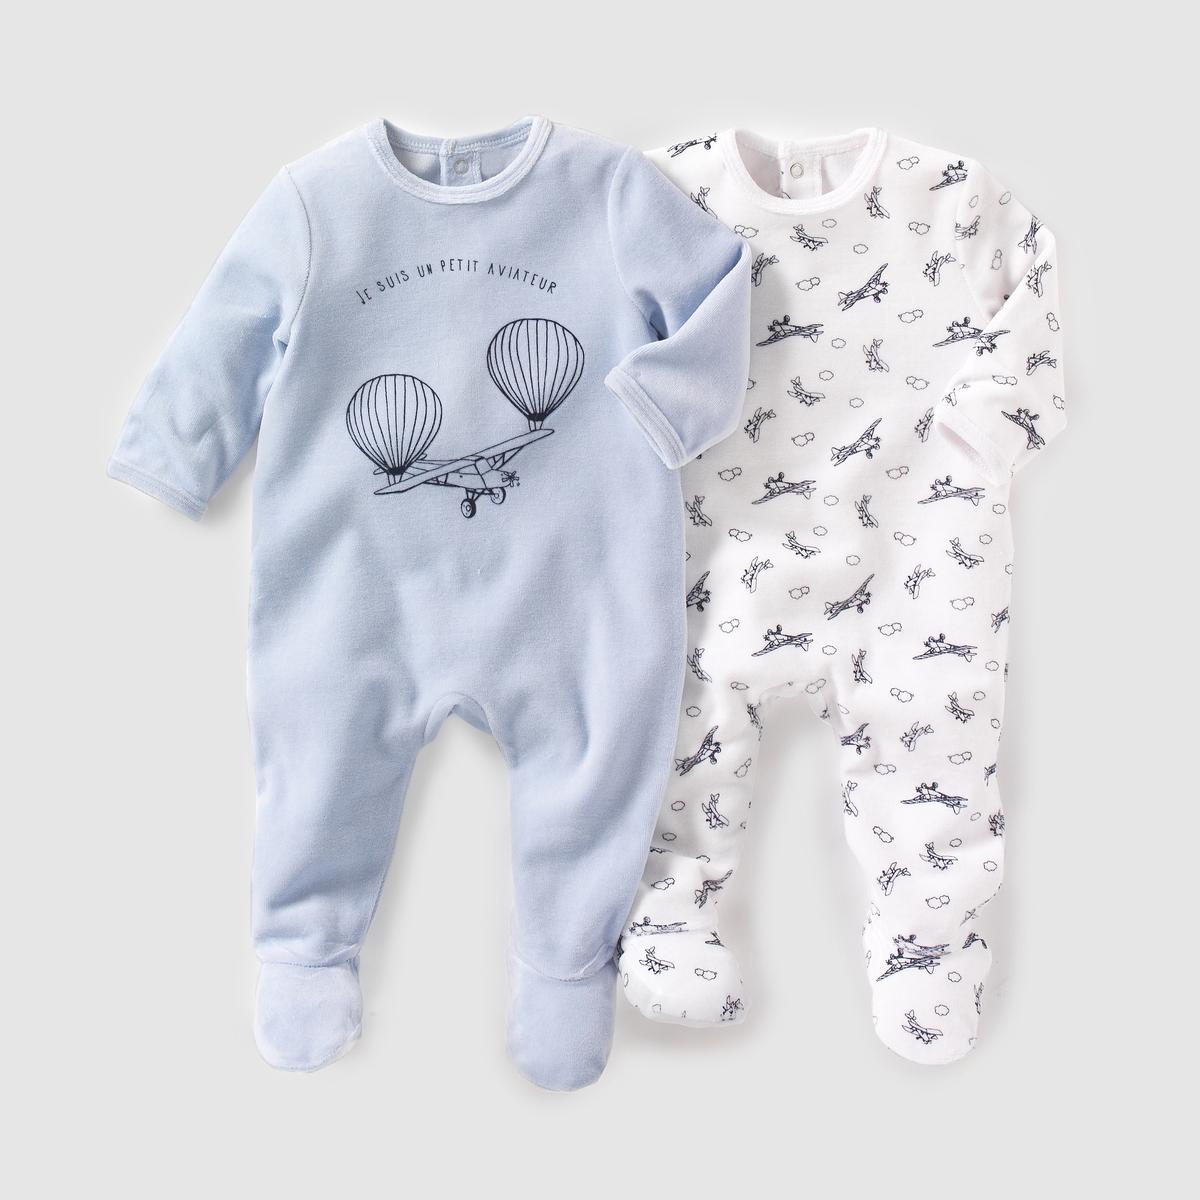 2 пижамы из велюра, 0 месяцев - 3 годаКомплект из 2 велюровых пижам. В комплект входят: 1 пижама с рисунком самолеты + 1 однотонная пижама с рисунком самолеты спереди. Клапан на кнопках и застежка на кнопки сзади. Нескользящая подошва начиная с размера 74 см (12 месяцев), эластичные вставки сзади для лучшей поддержки. Состав и описаниеМатериал: 75% хлопка, 25% полиэстера.Марка: R essentiels.УходСтирать и гладить с изнанки.Машинная стирка при 30°C в умеренном режиме, с одеждой подобных цветов.Машинная сушка в умеренном режиме.Гладить на низкой температуре.<br><br>Цвет: синий/белый<br>Размер: 3 мес. - 60 см